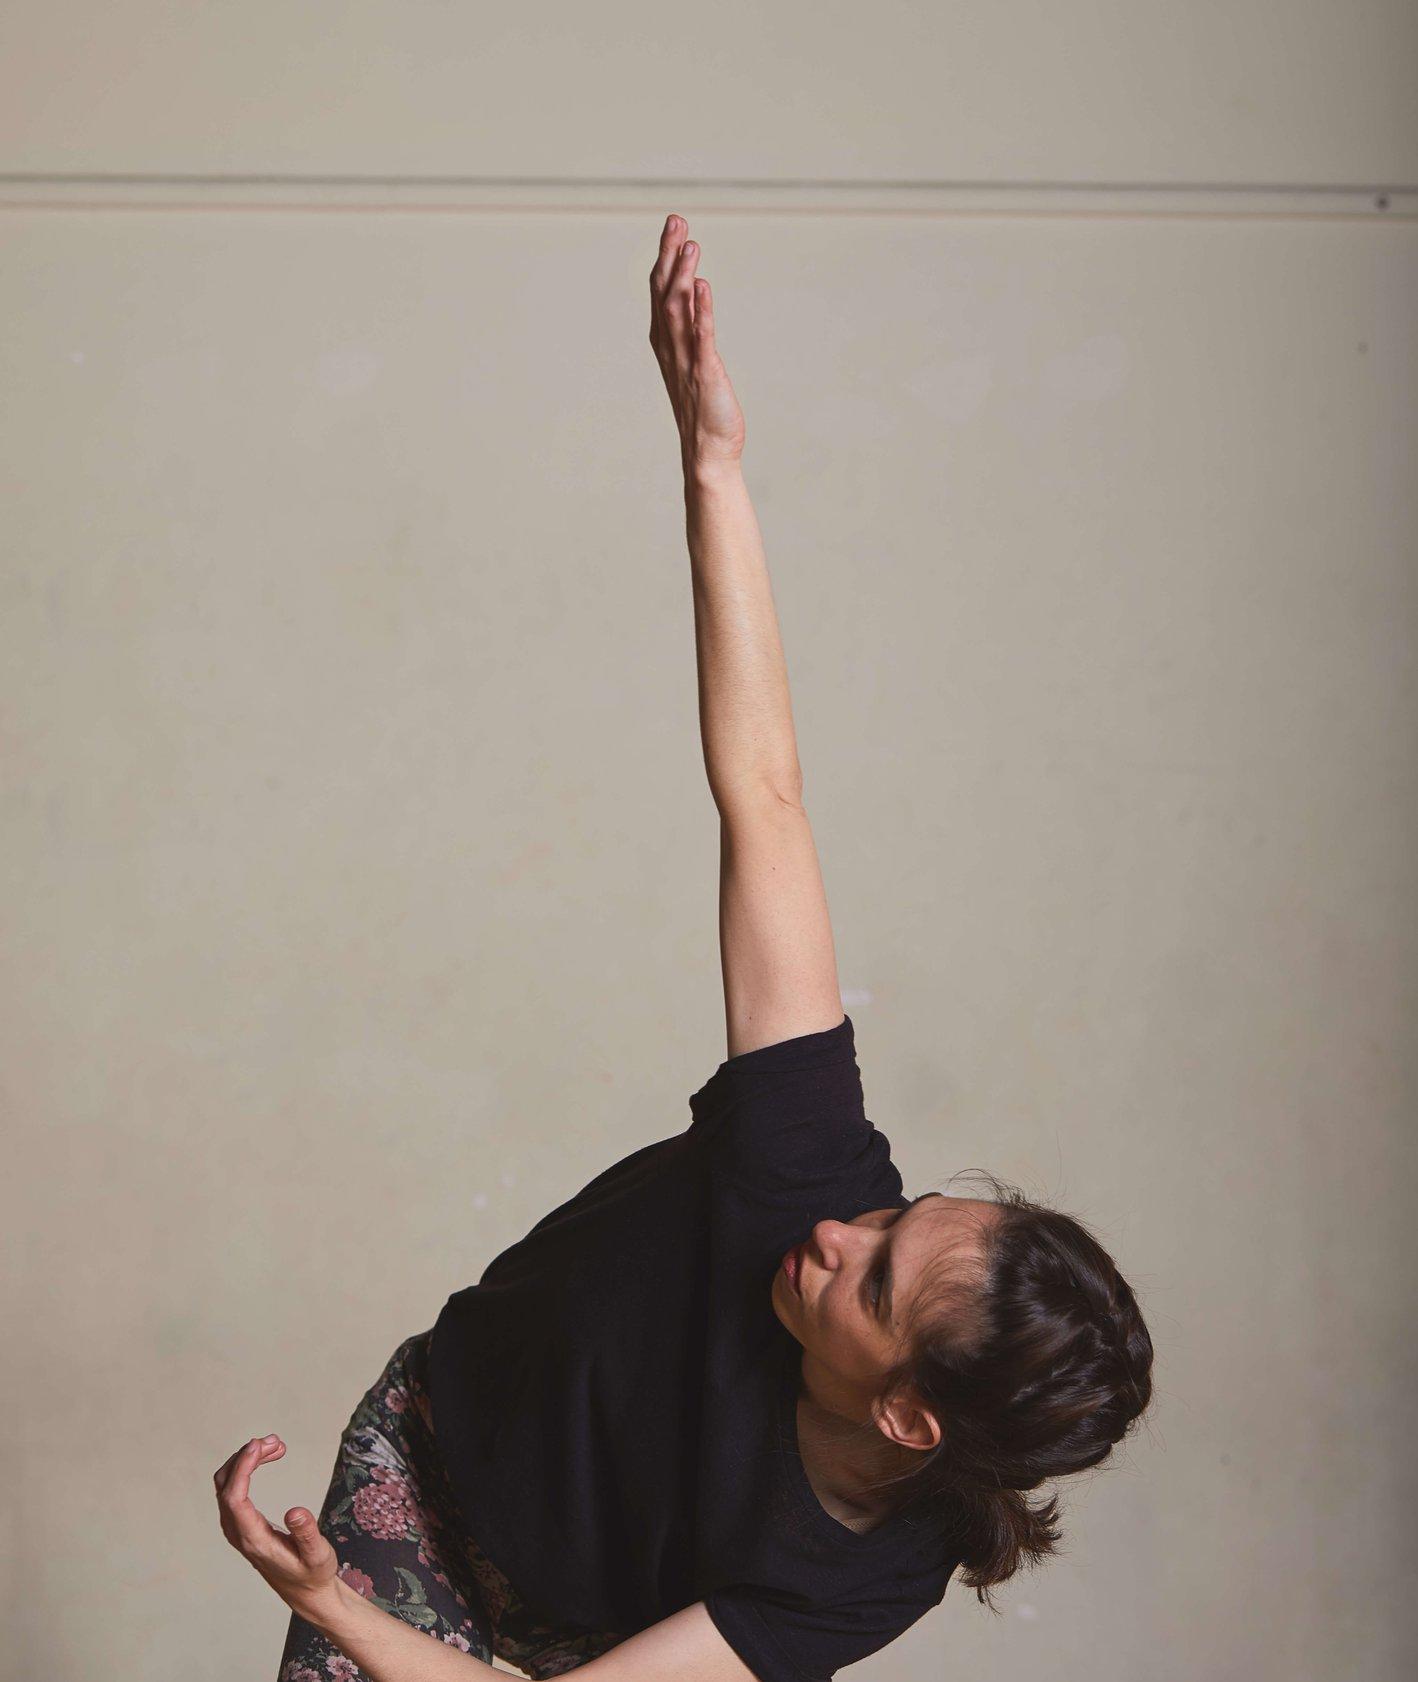 Gaga dance – trening (fot. Maciek Niemojewski)